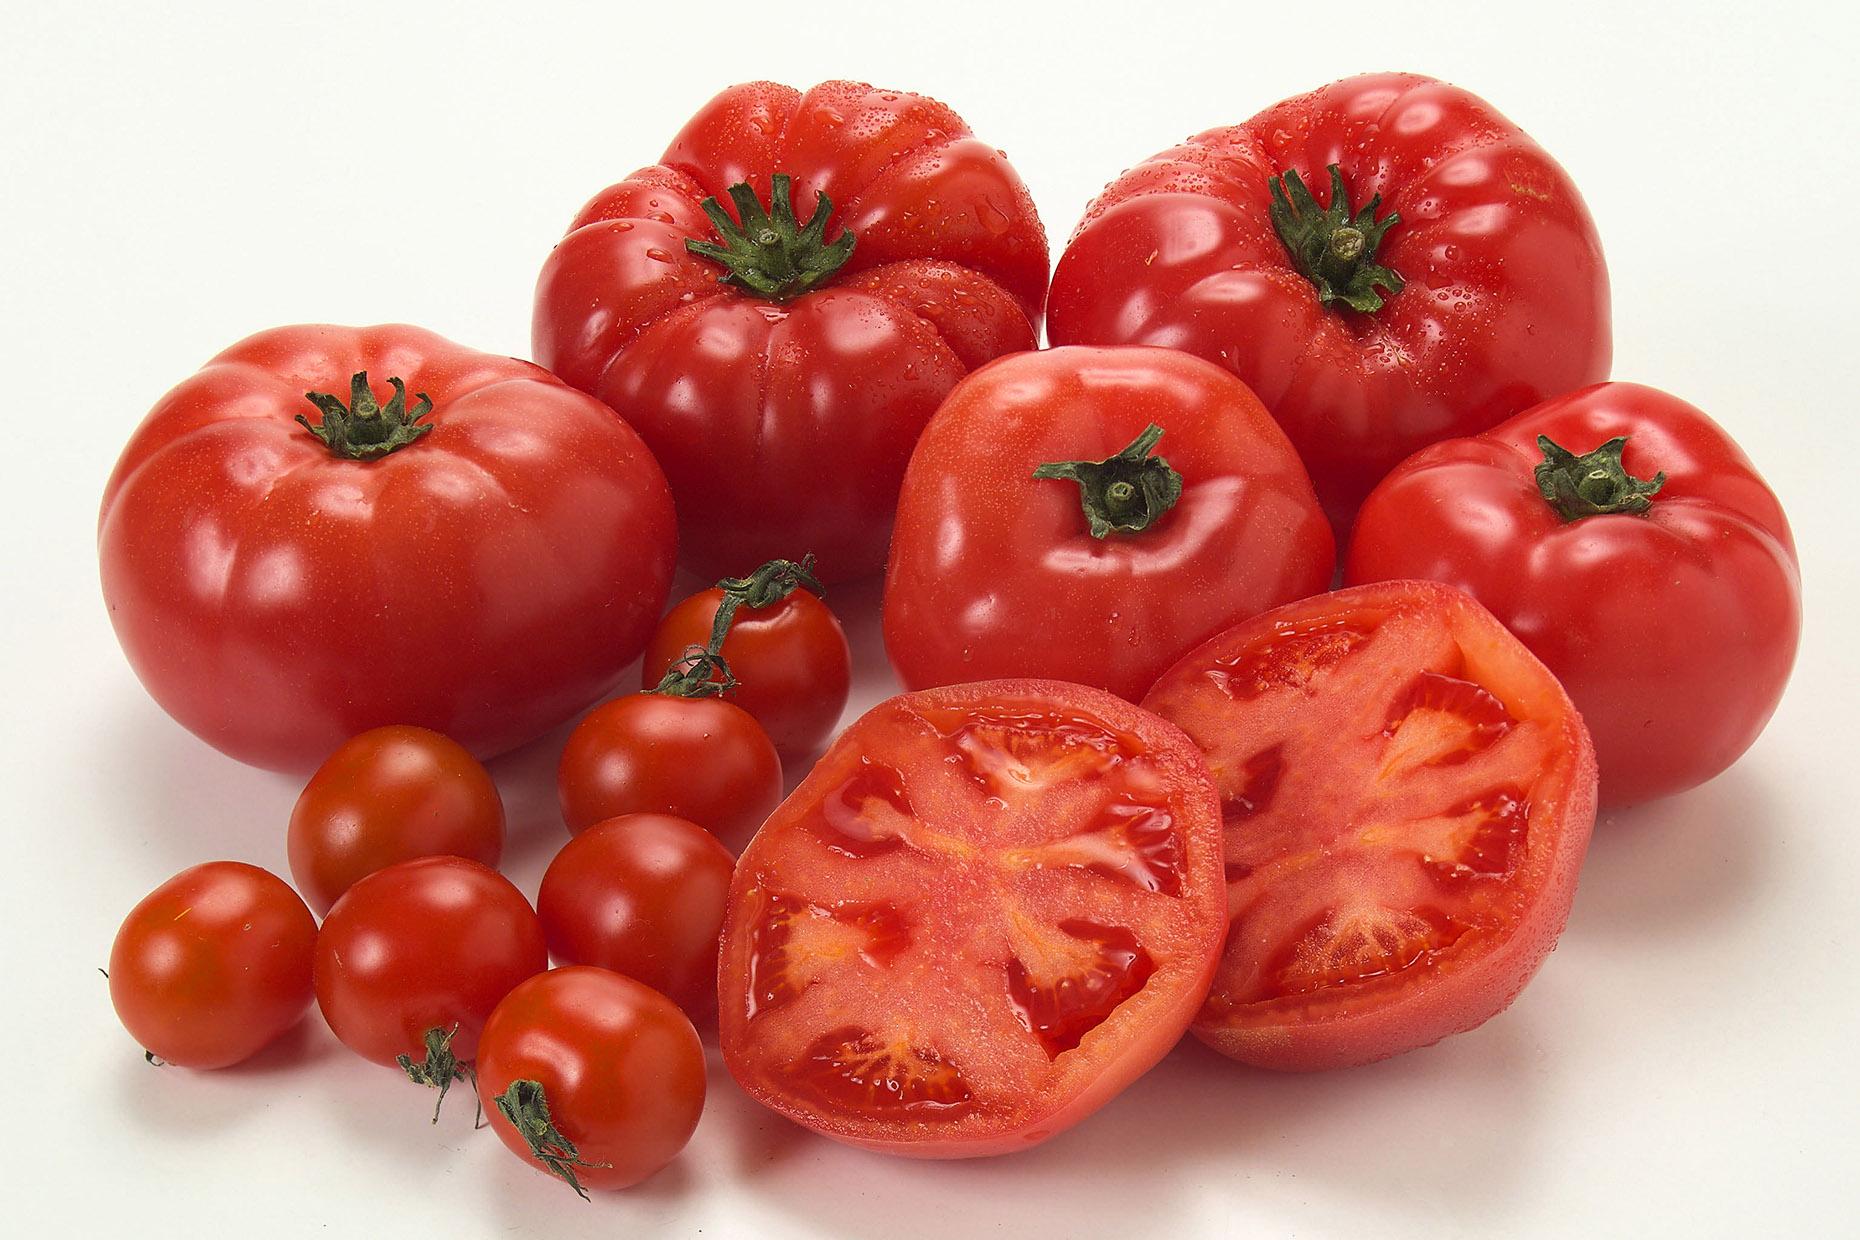 トマトの保存はどんな方法があるんでしょうか?トマトの保存調べる!のサムネイル画像